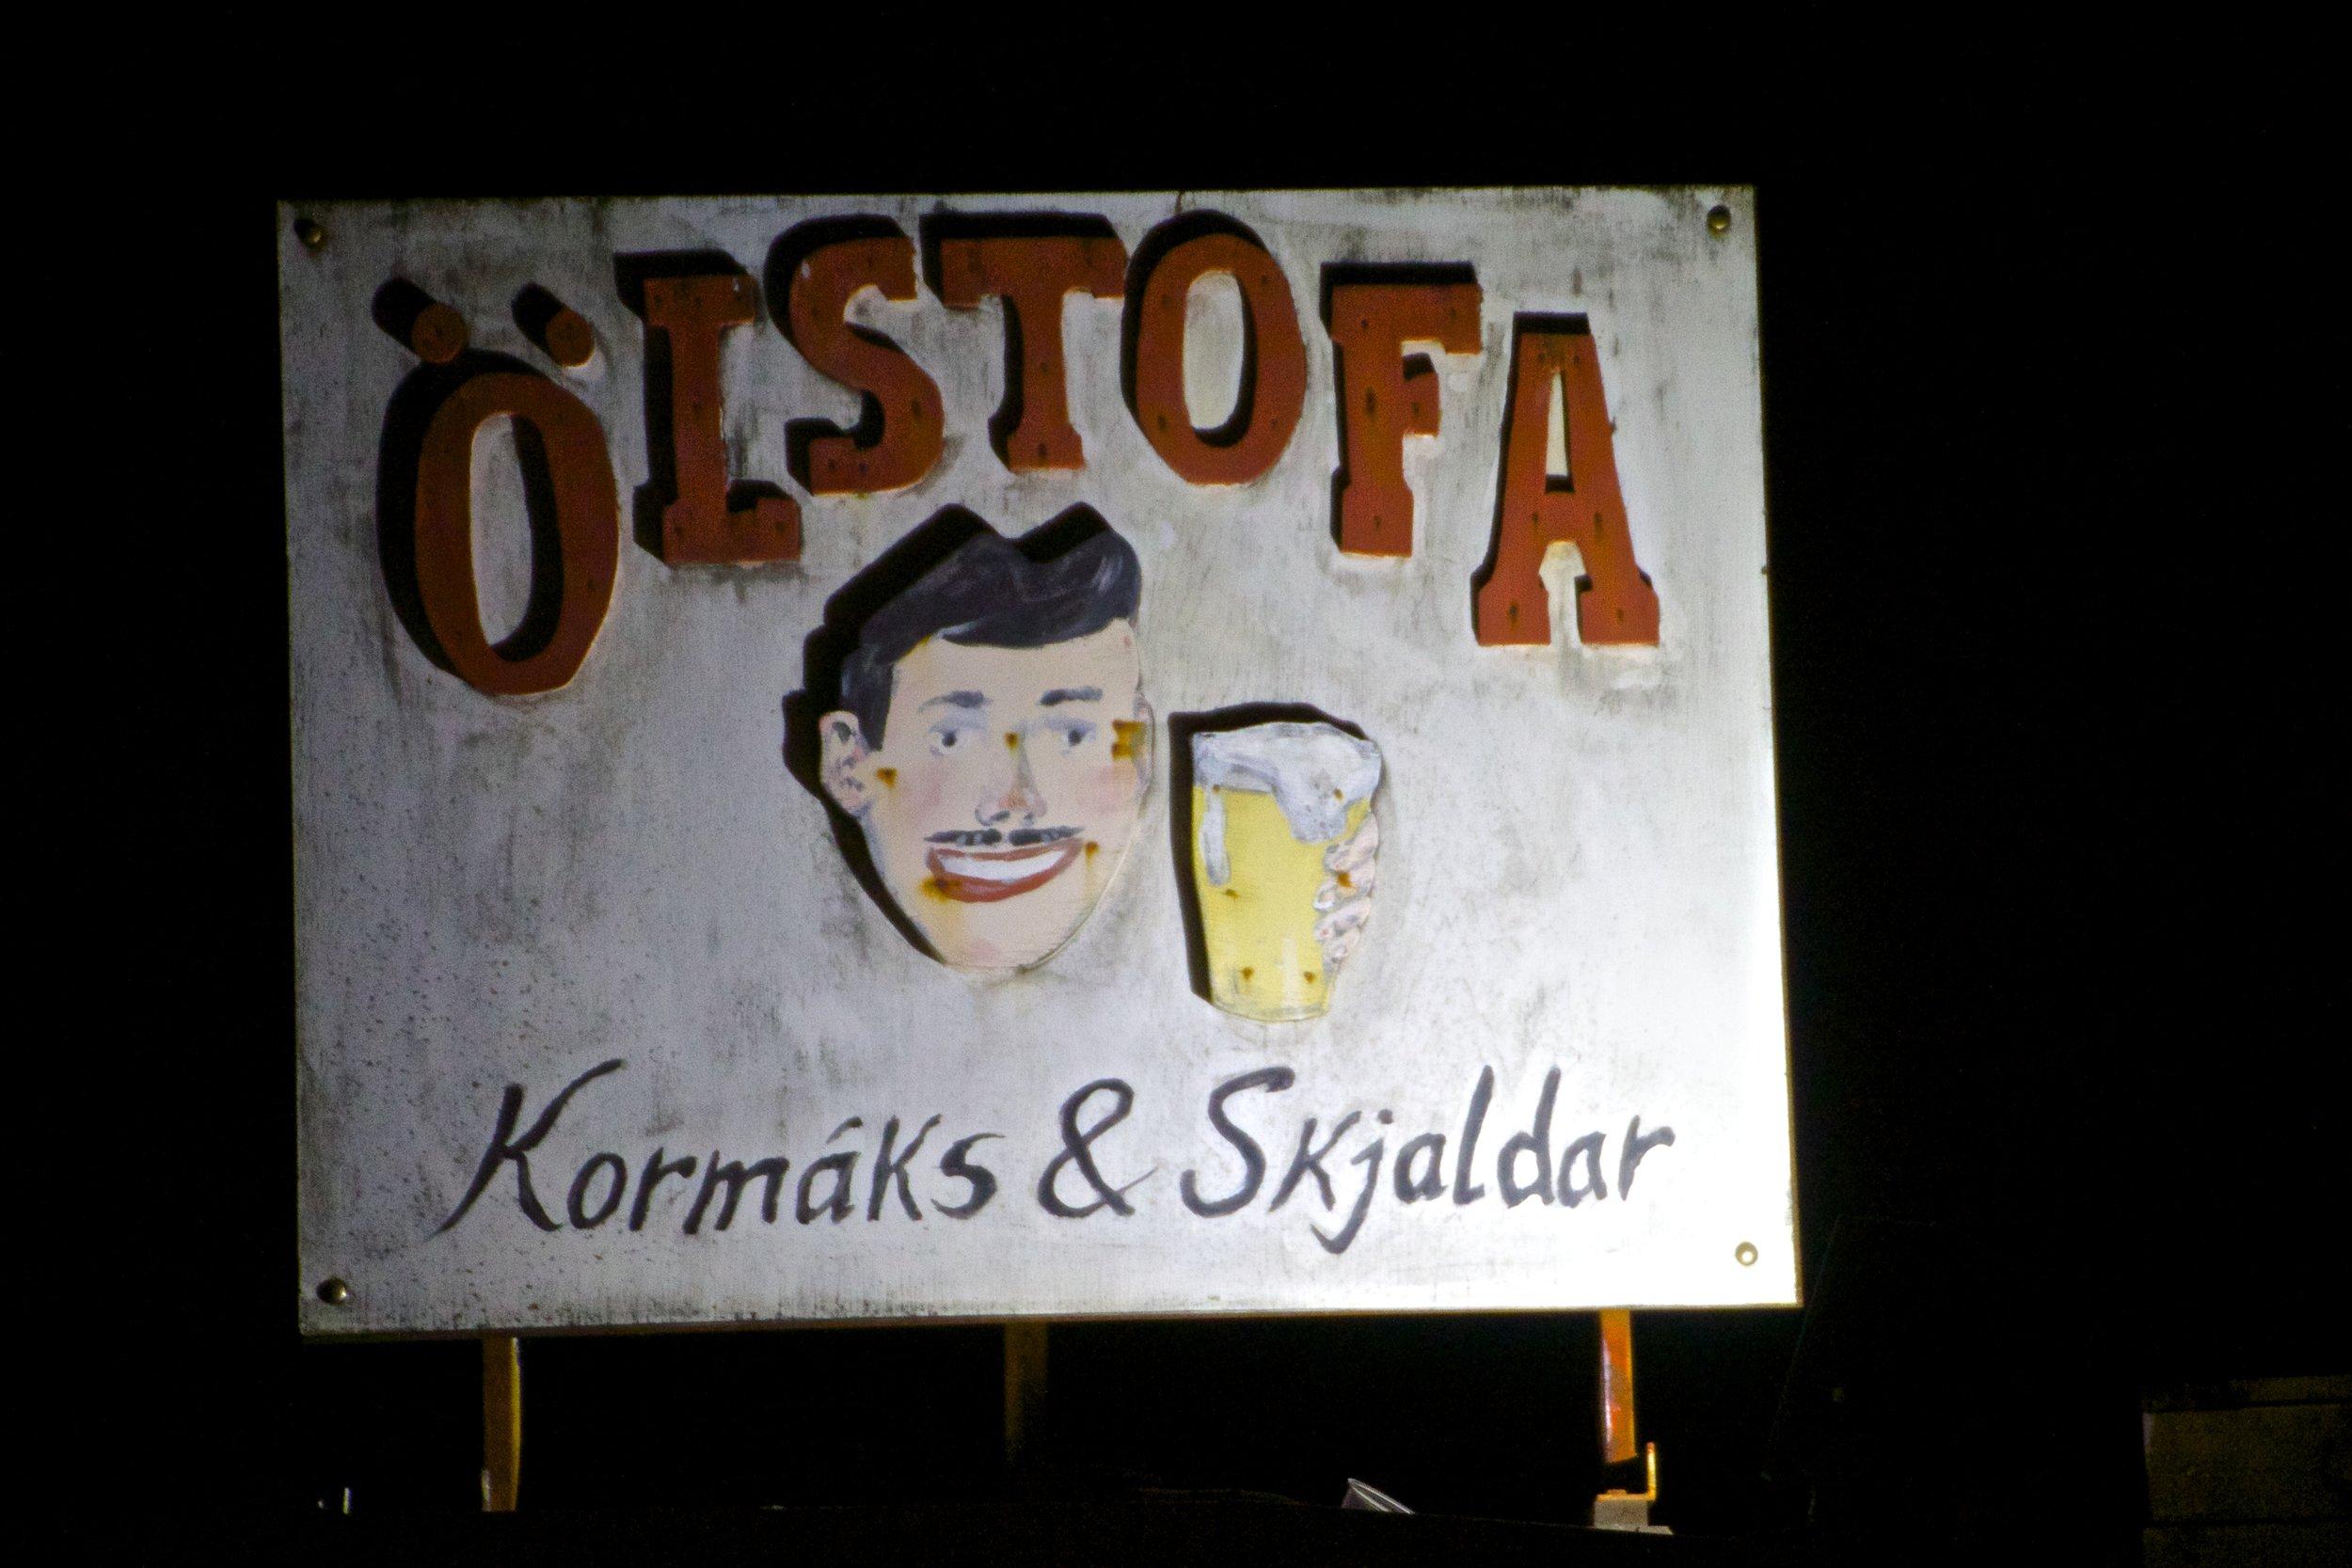 reykjavik nightlife olstofa 3.jpg